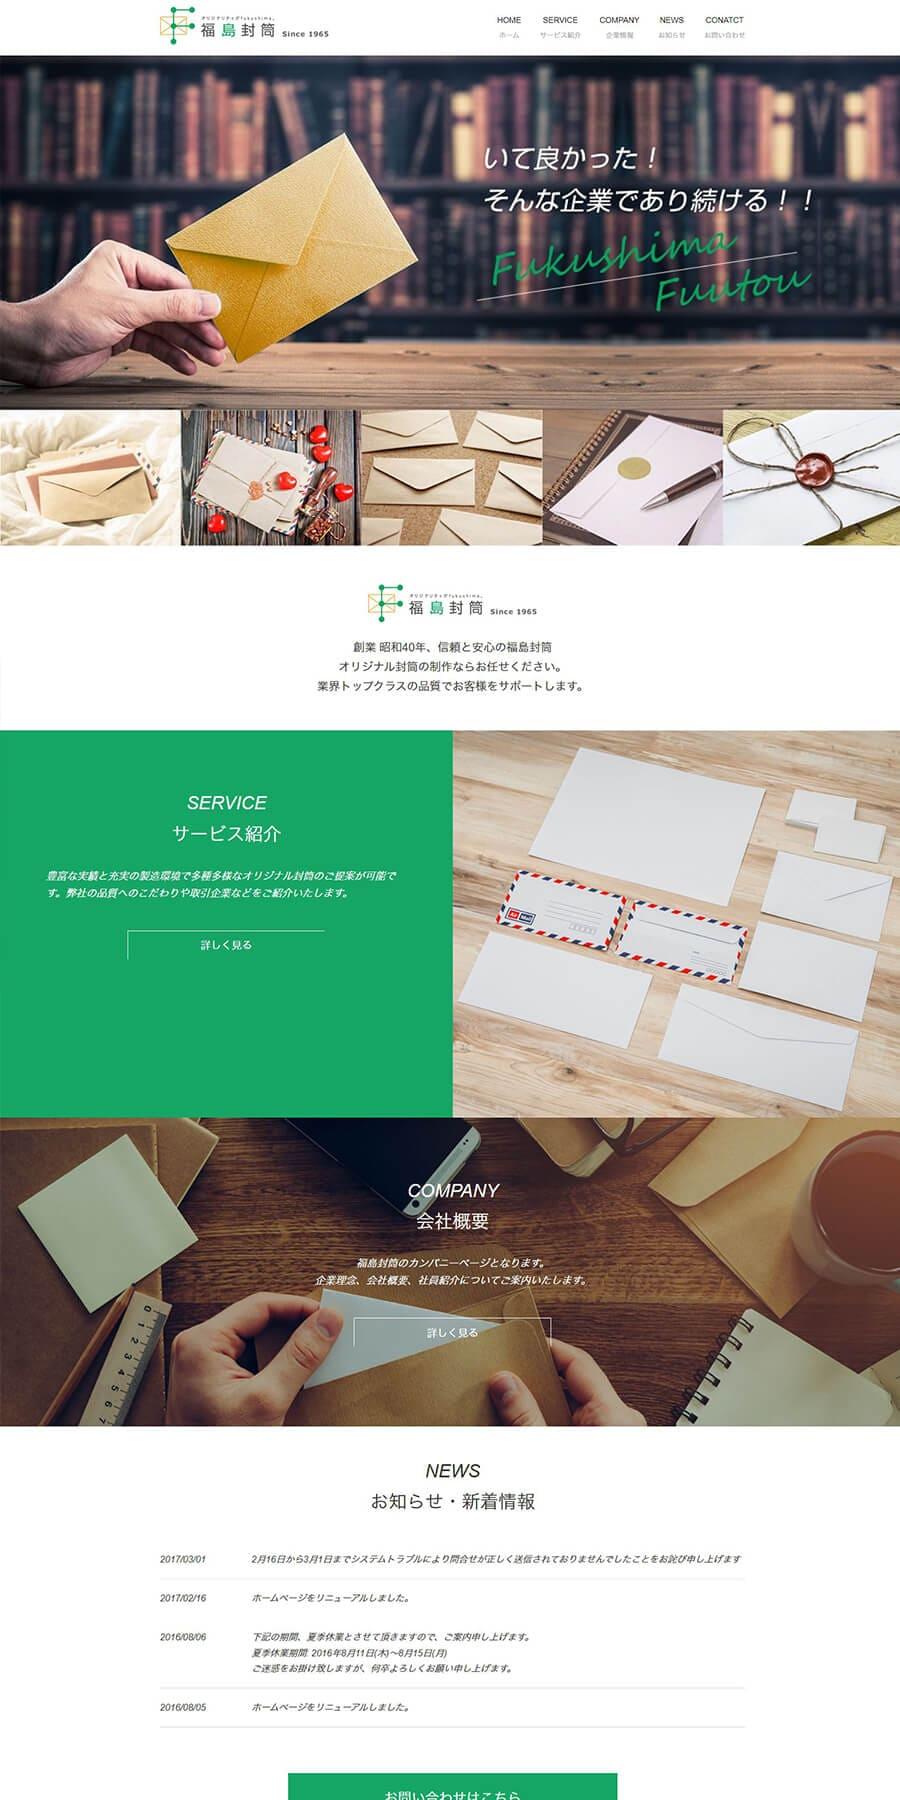 東京都のオリジナル封筒のホームページリニューアル